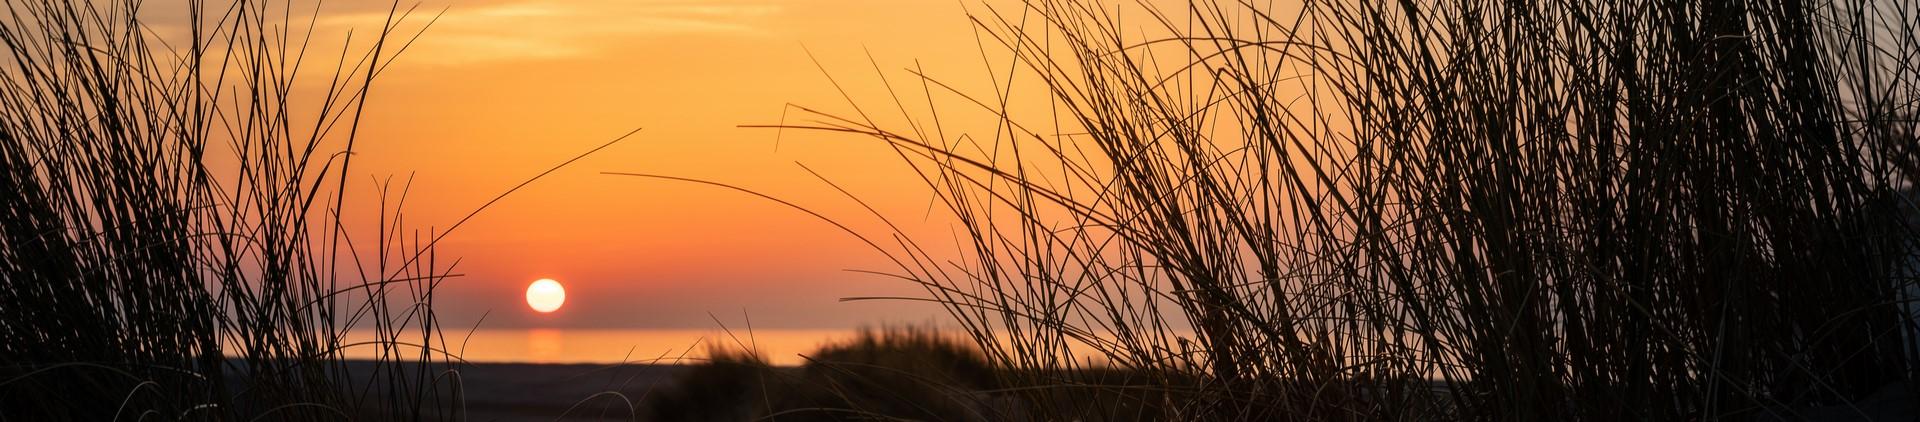 avant plan coucher de soleil (Copier)